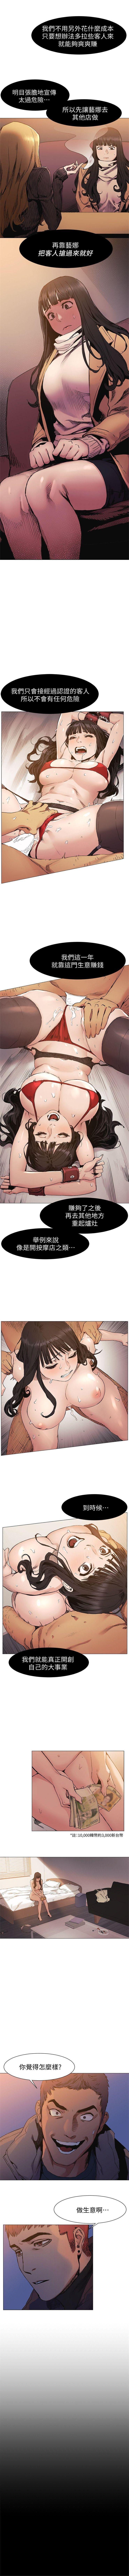 衝突 1-100官方中文(連載中) 153